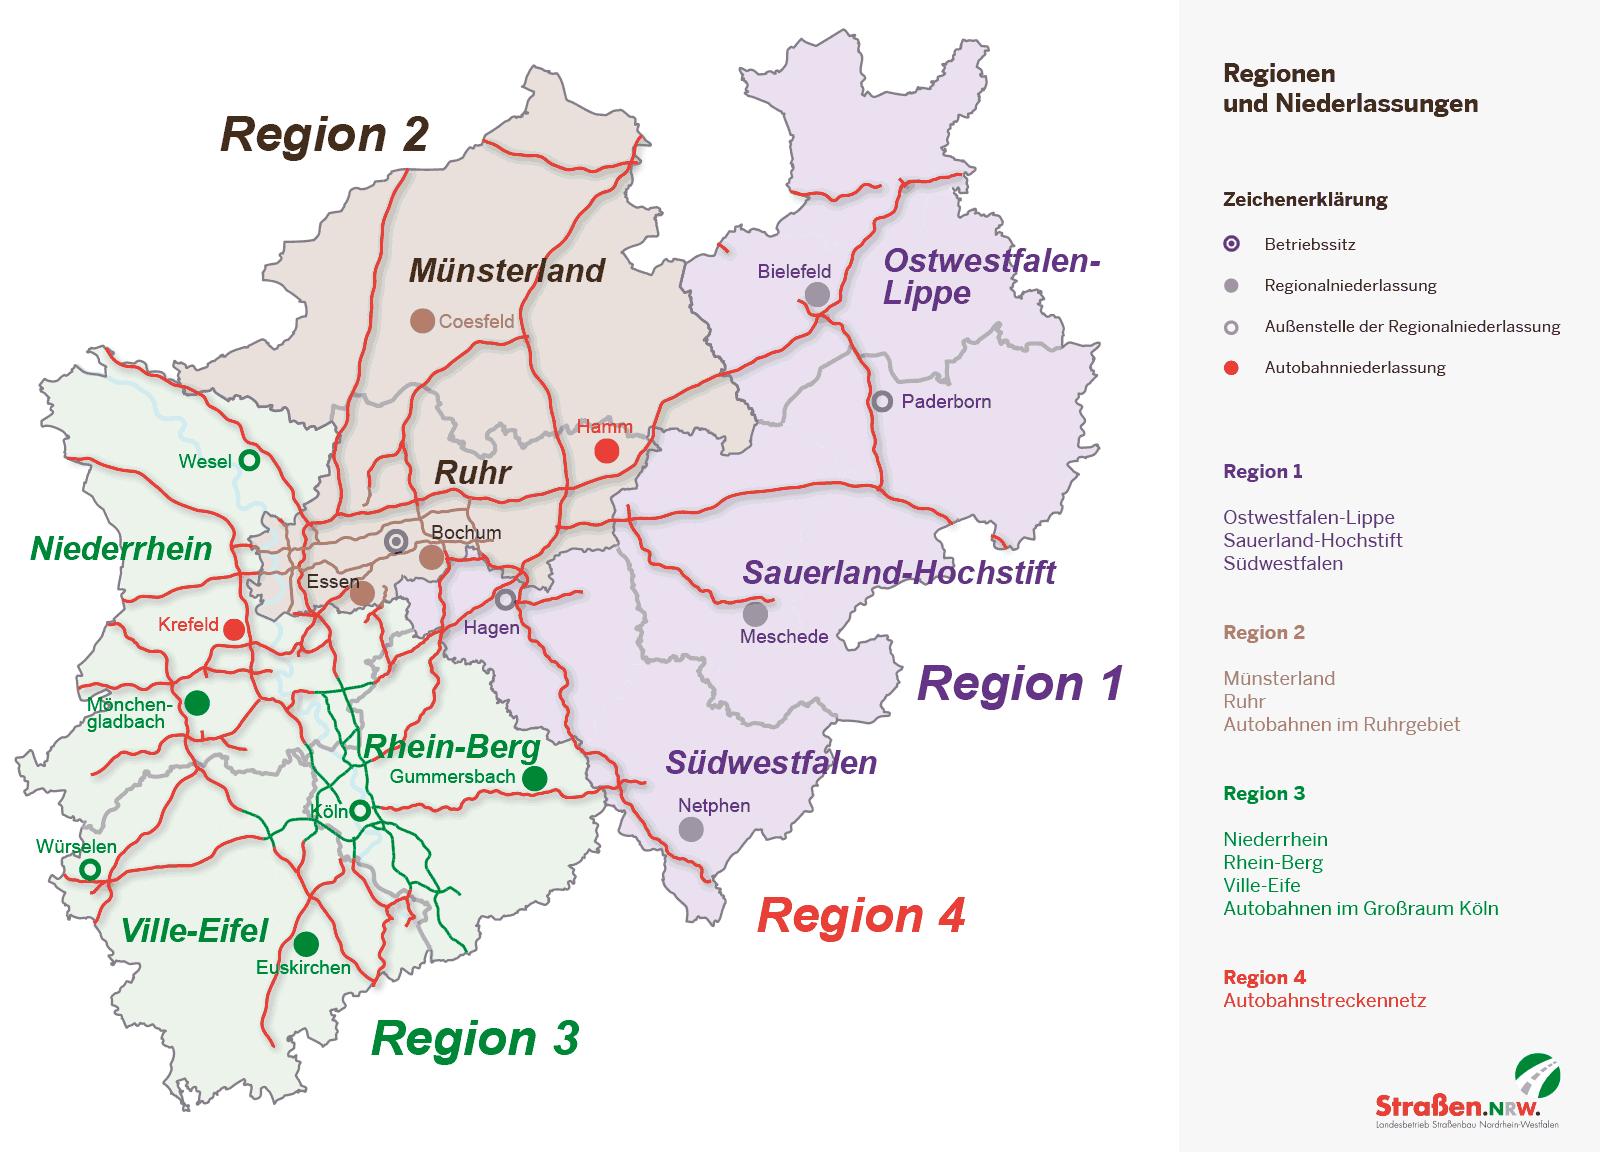 autobahn nrw karte Niederlassungen | Straßen.NRW autobahn nrw karte